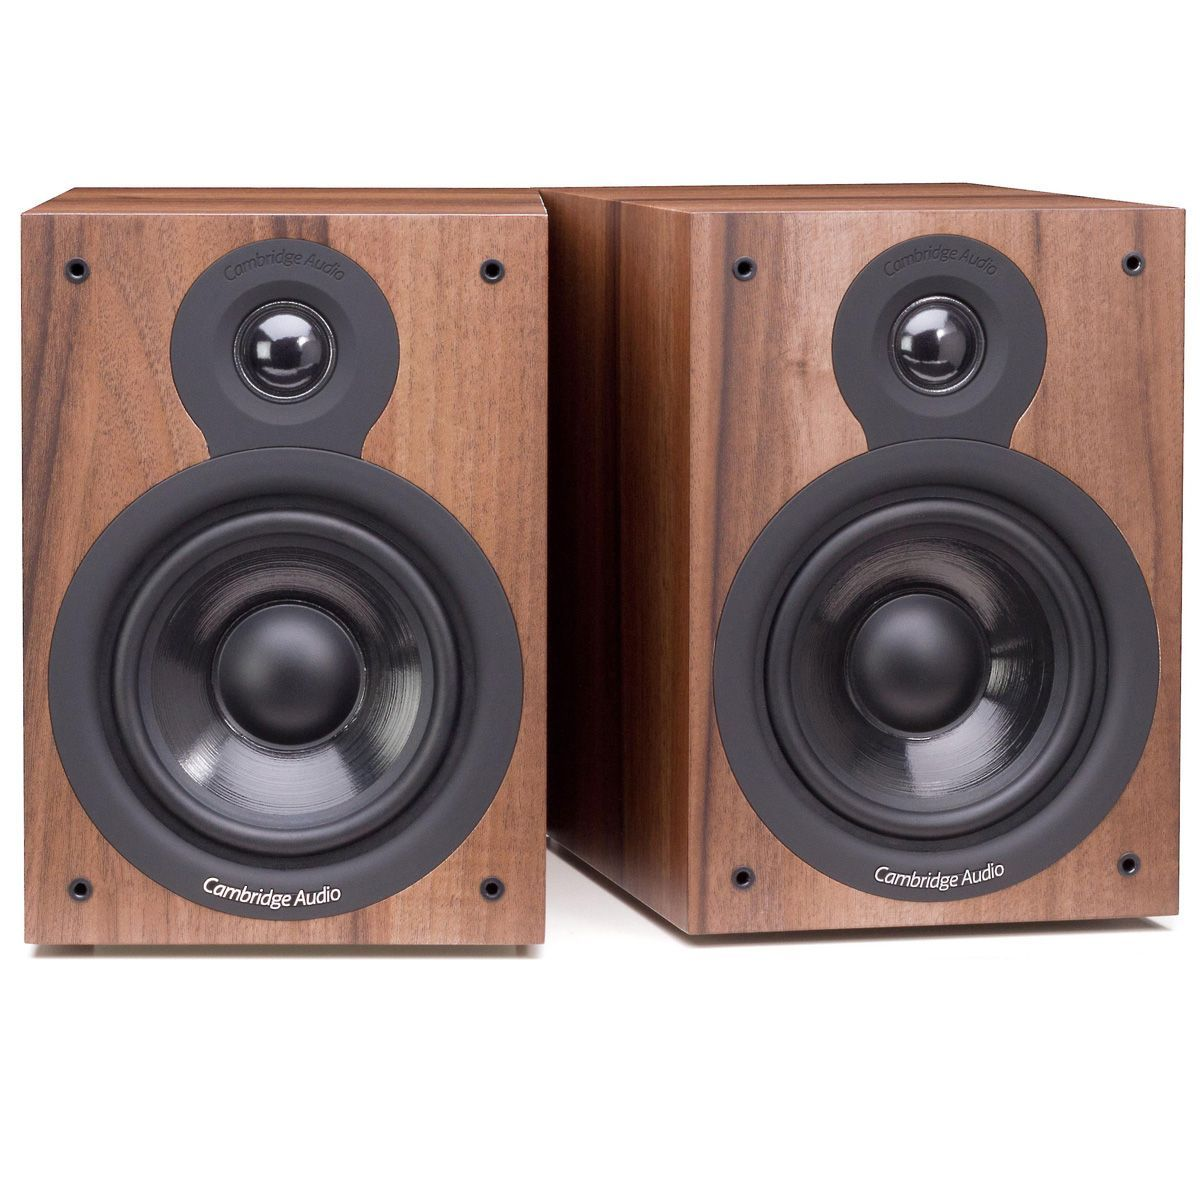 Cambridge Audio Sx 50 Bookshelf Speakers Pair Cambridge Audio Bookshelf Speakers Speaker